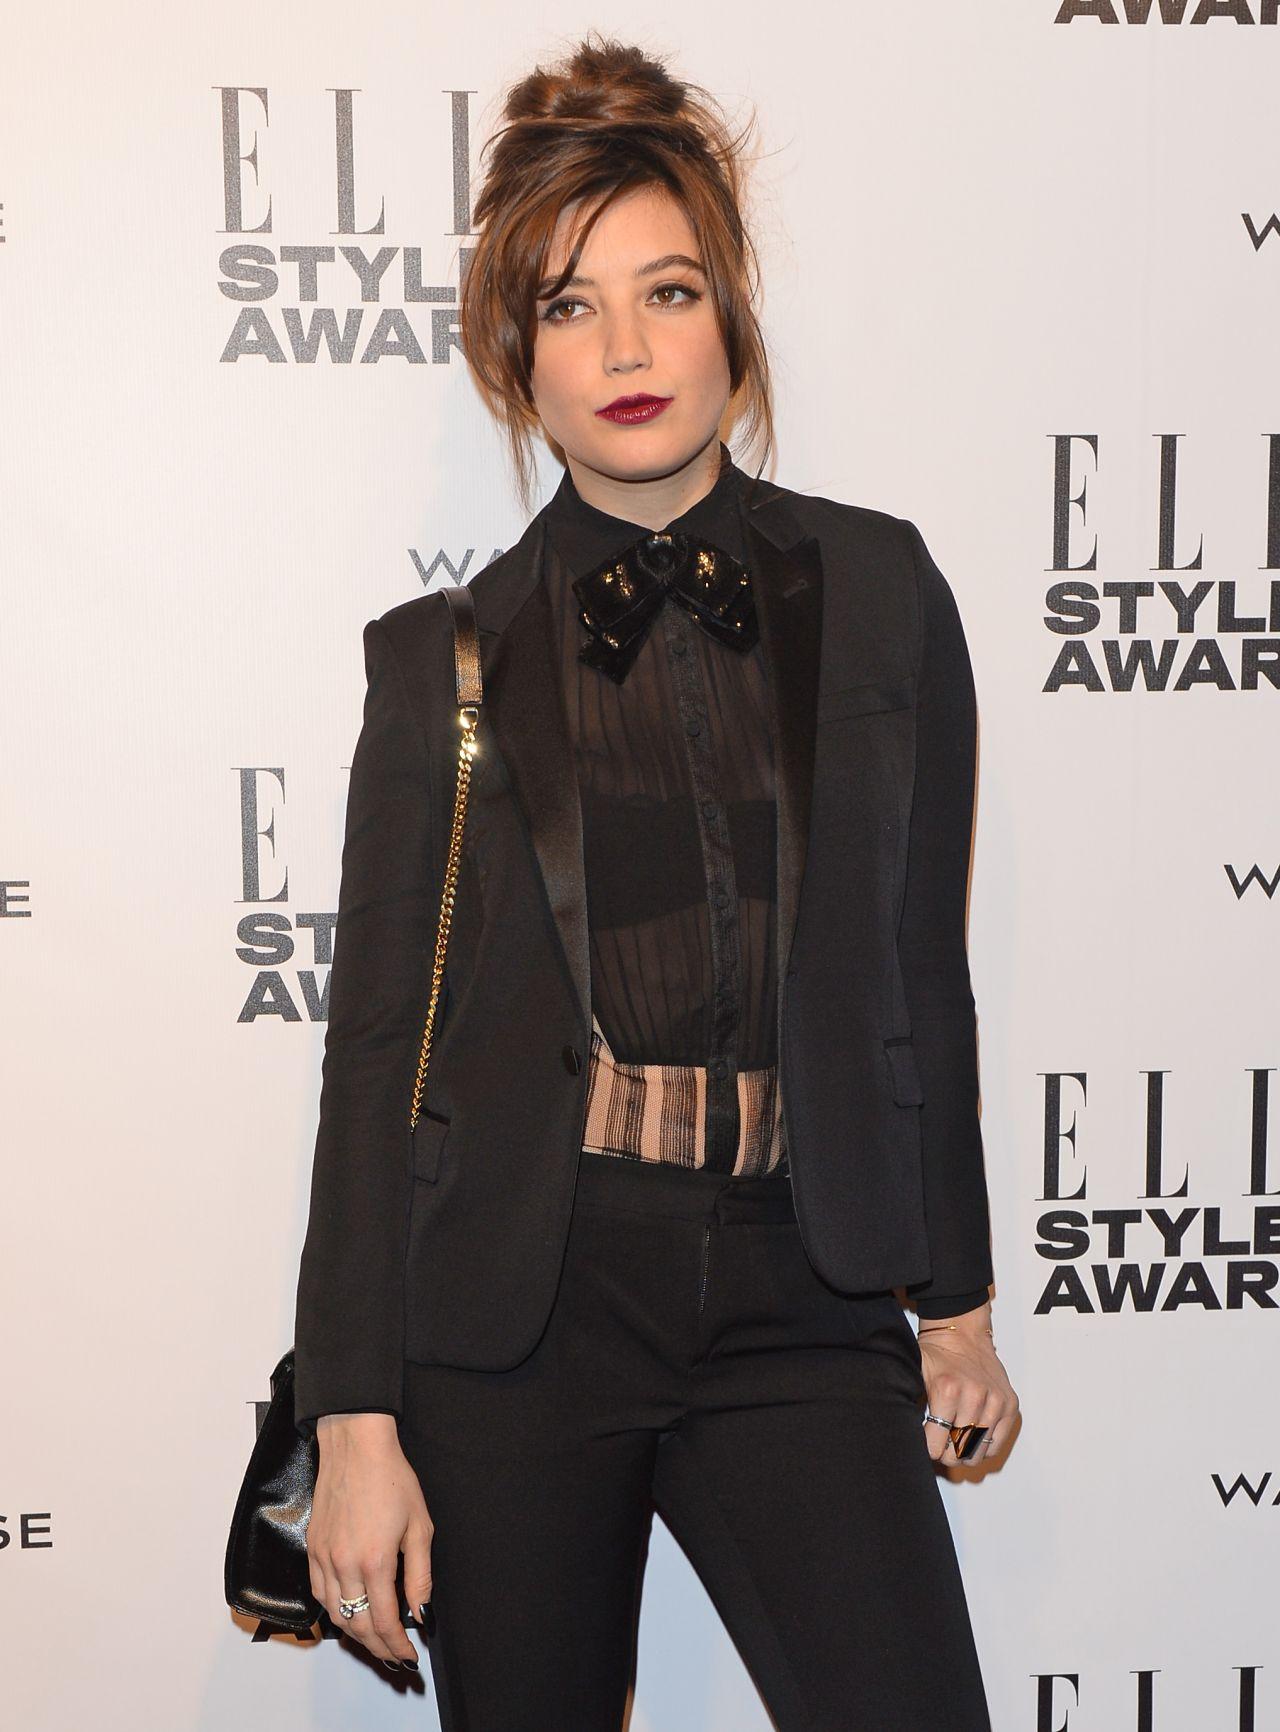 Daisy Lowe – 2014 ELLE Style Awards